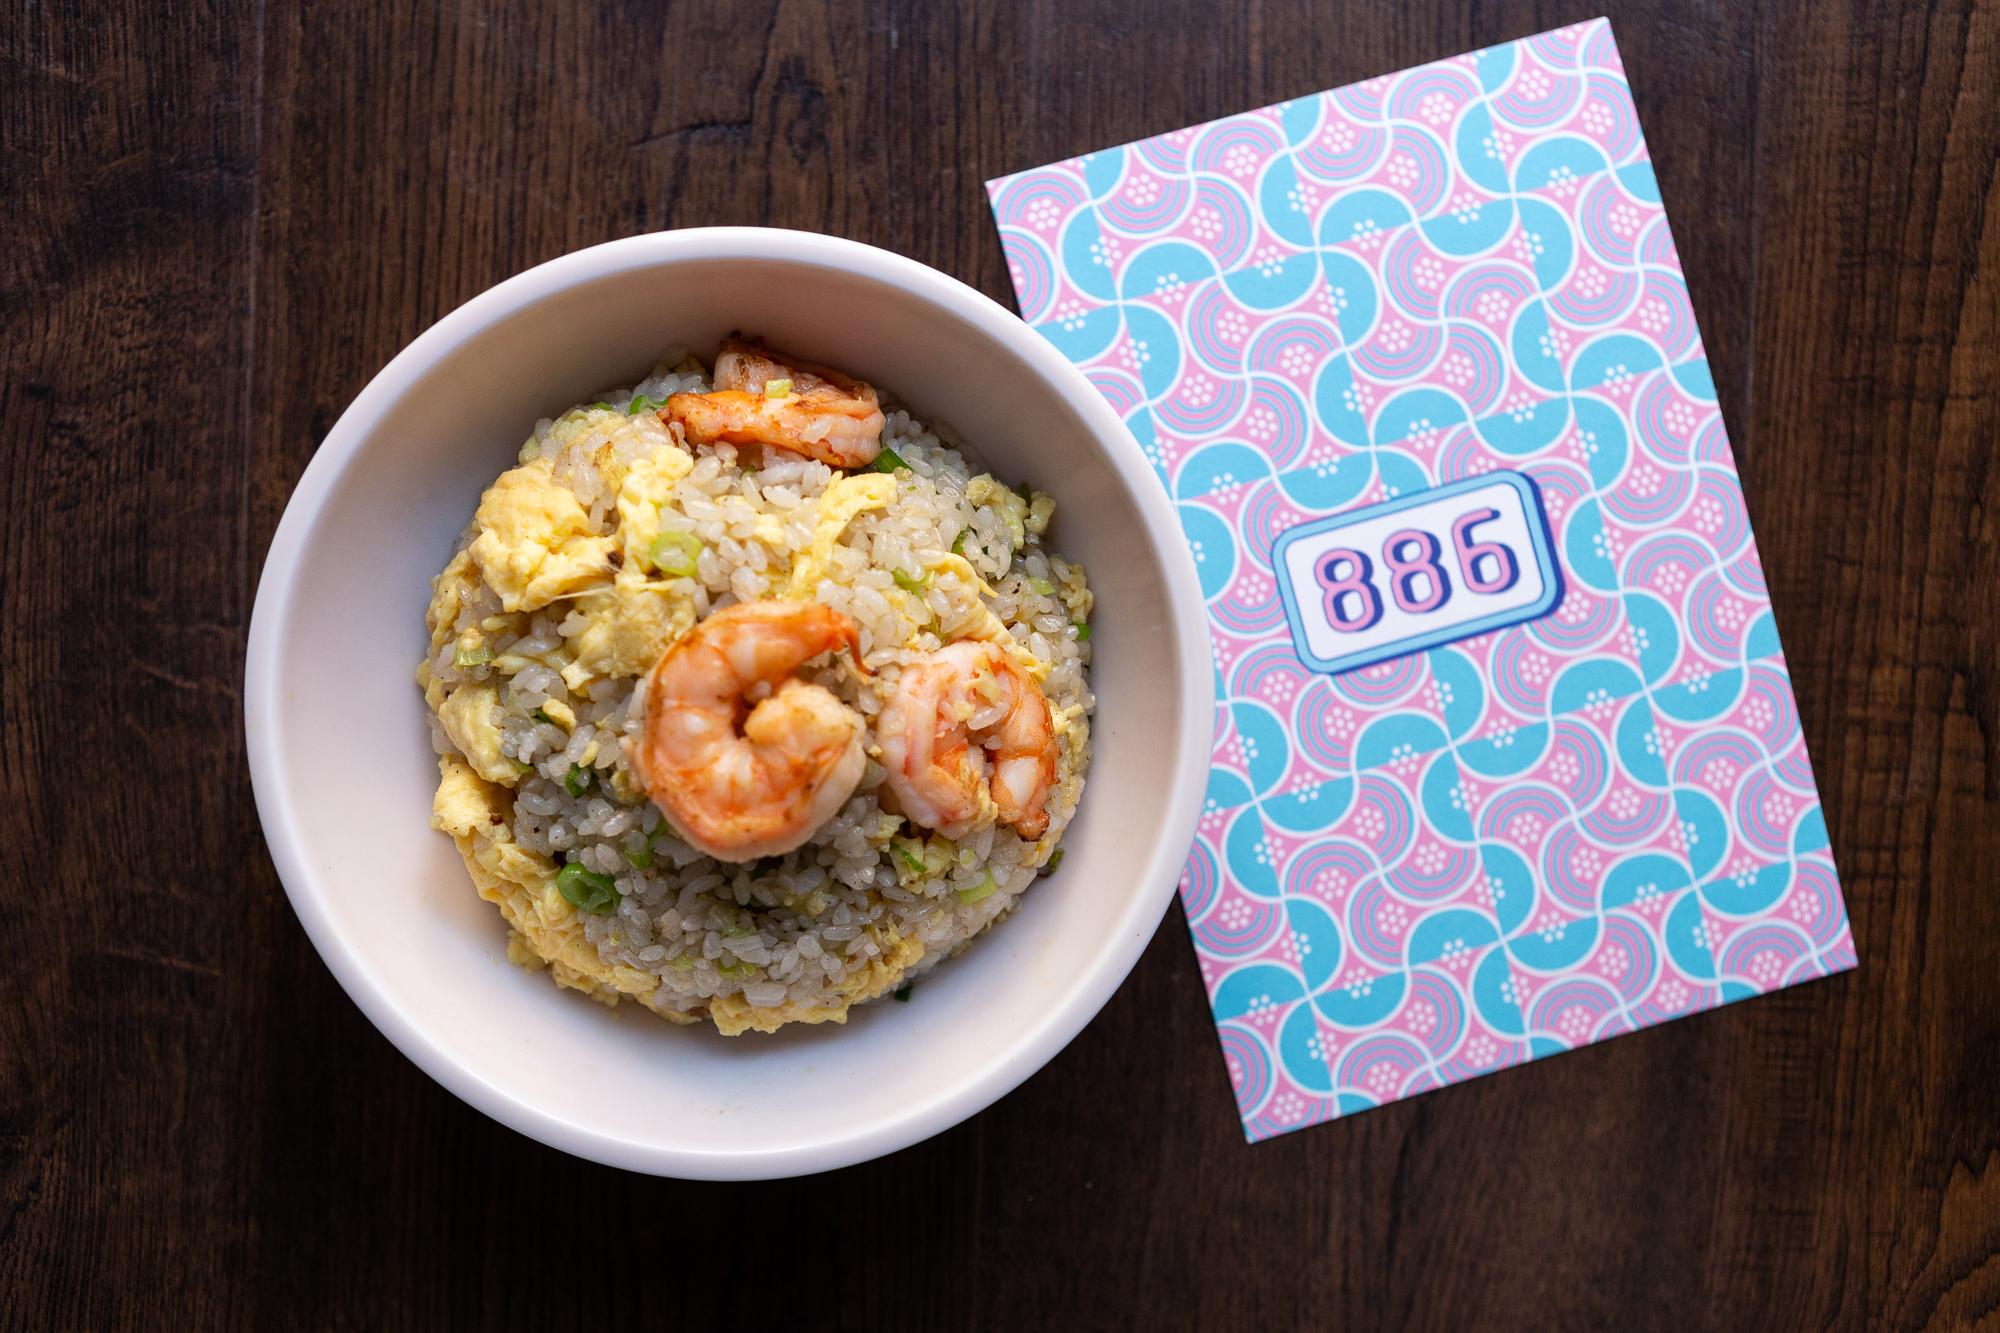 Shrimp Fried Rice at 886